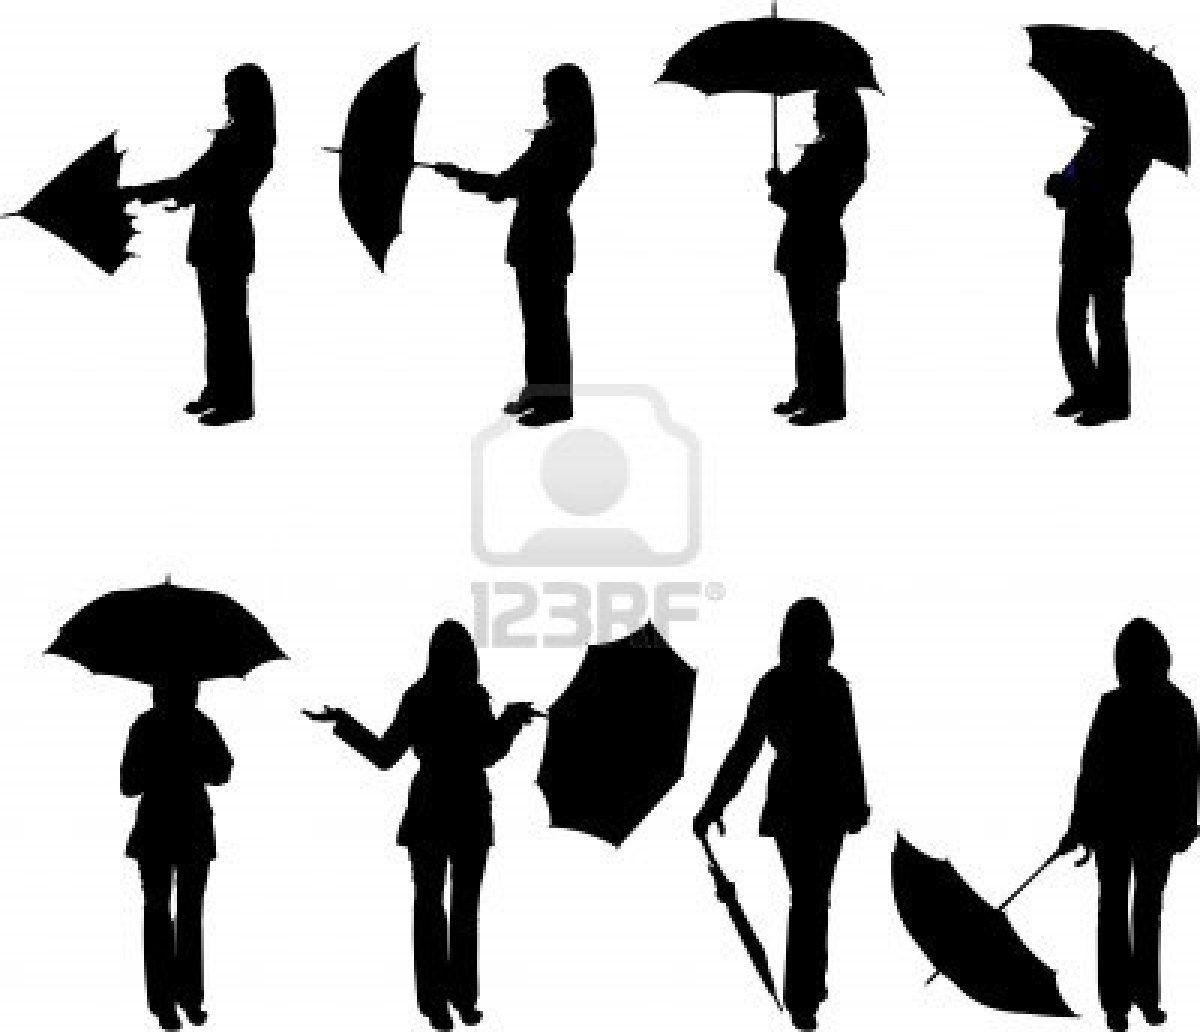 Frau mit Regenschirm in verschiedenen Posen silhouette